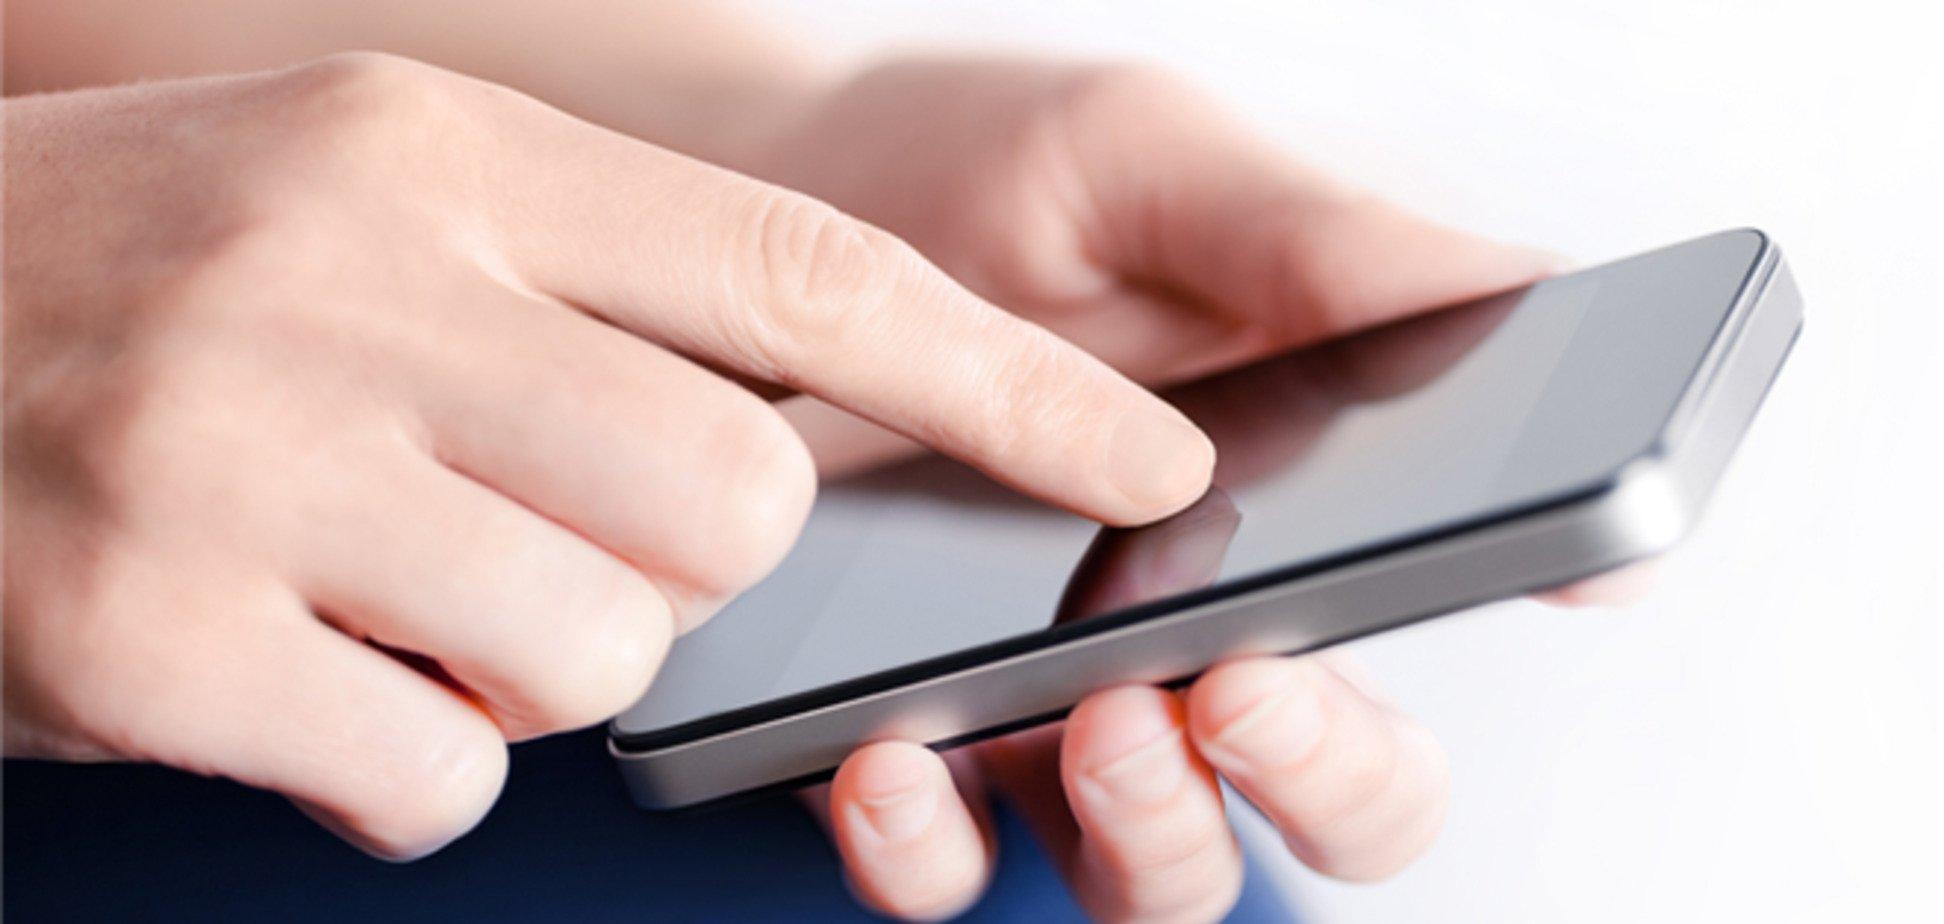 Украина попала в Топ-3 по количеству «больных» смартфонов в мире